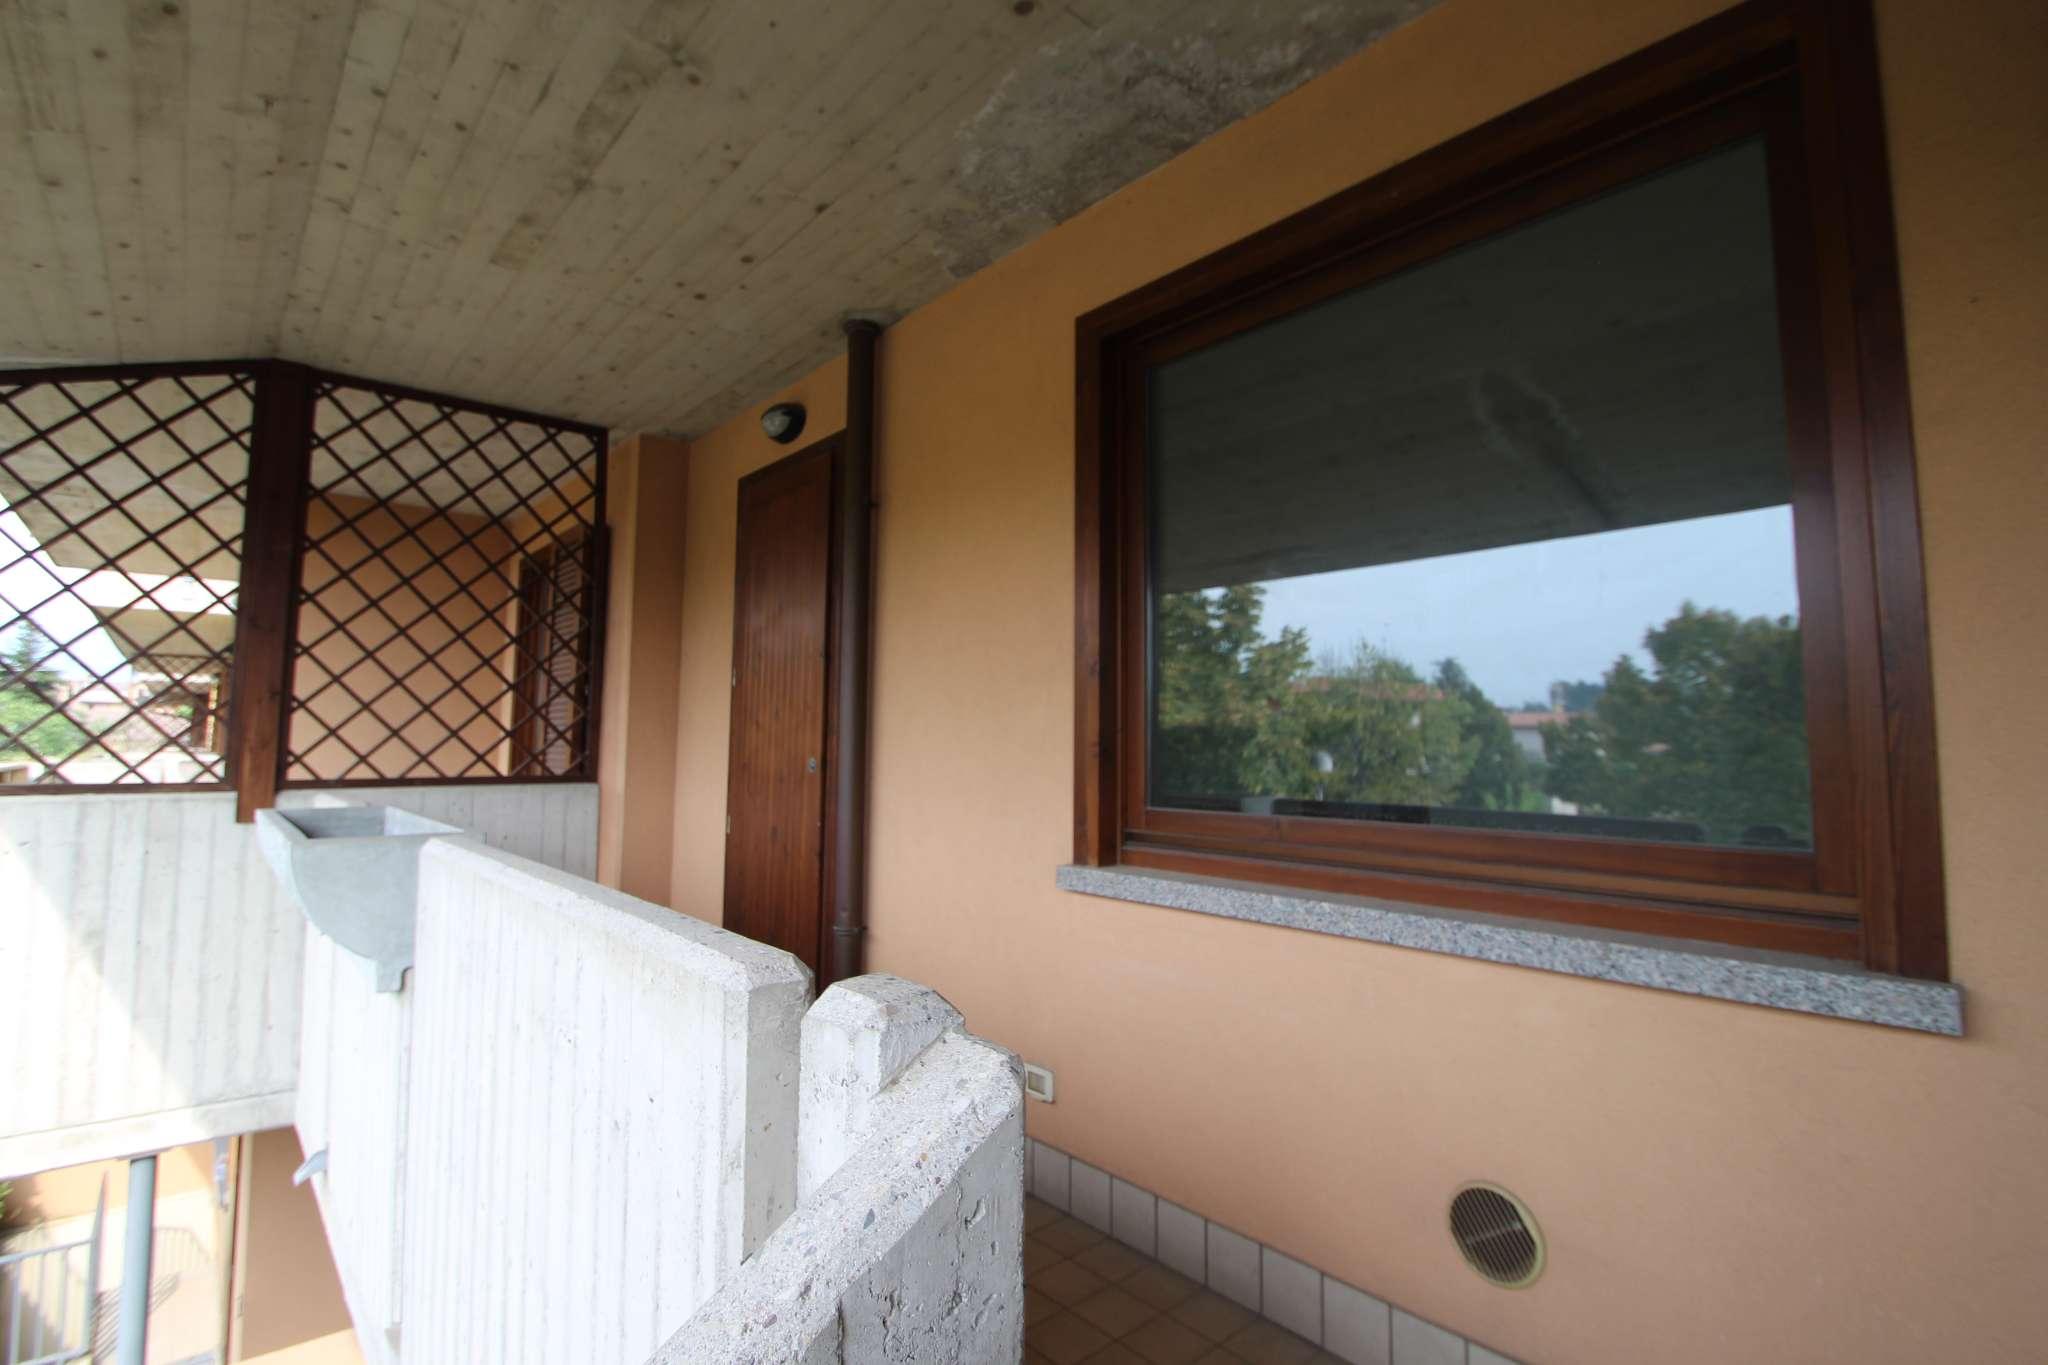 Appartamento in vendita a Montello, 2 locali, prezzo € 58.000 | PortaleAgenzieImmobiliari.it